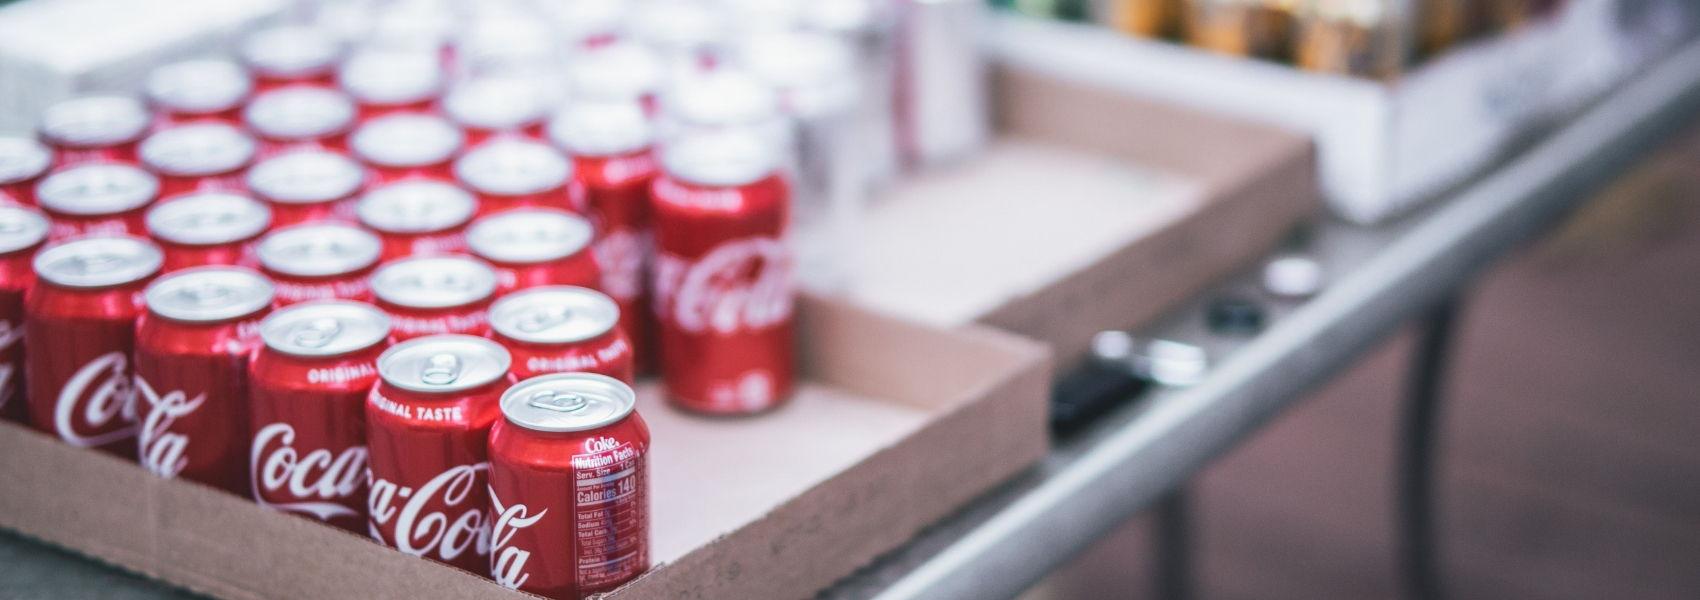 redução de açúcar na Coca-Cola